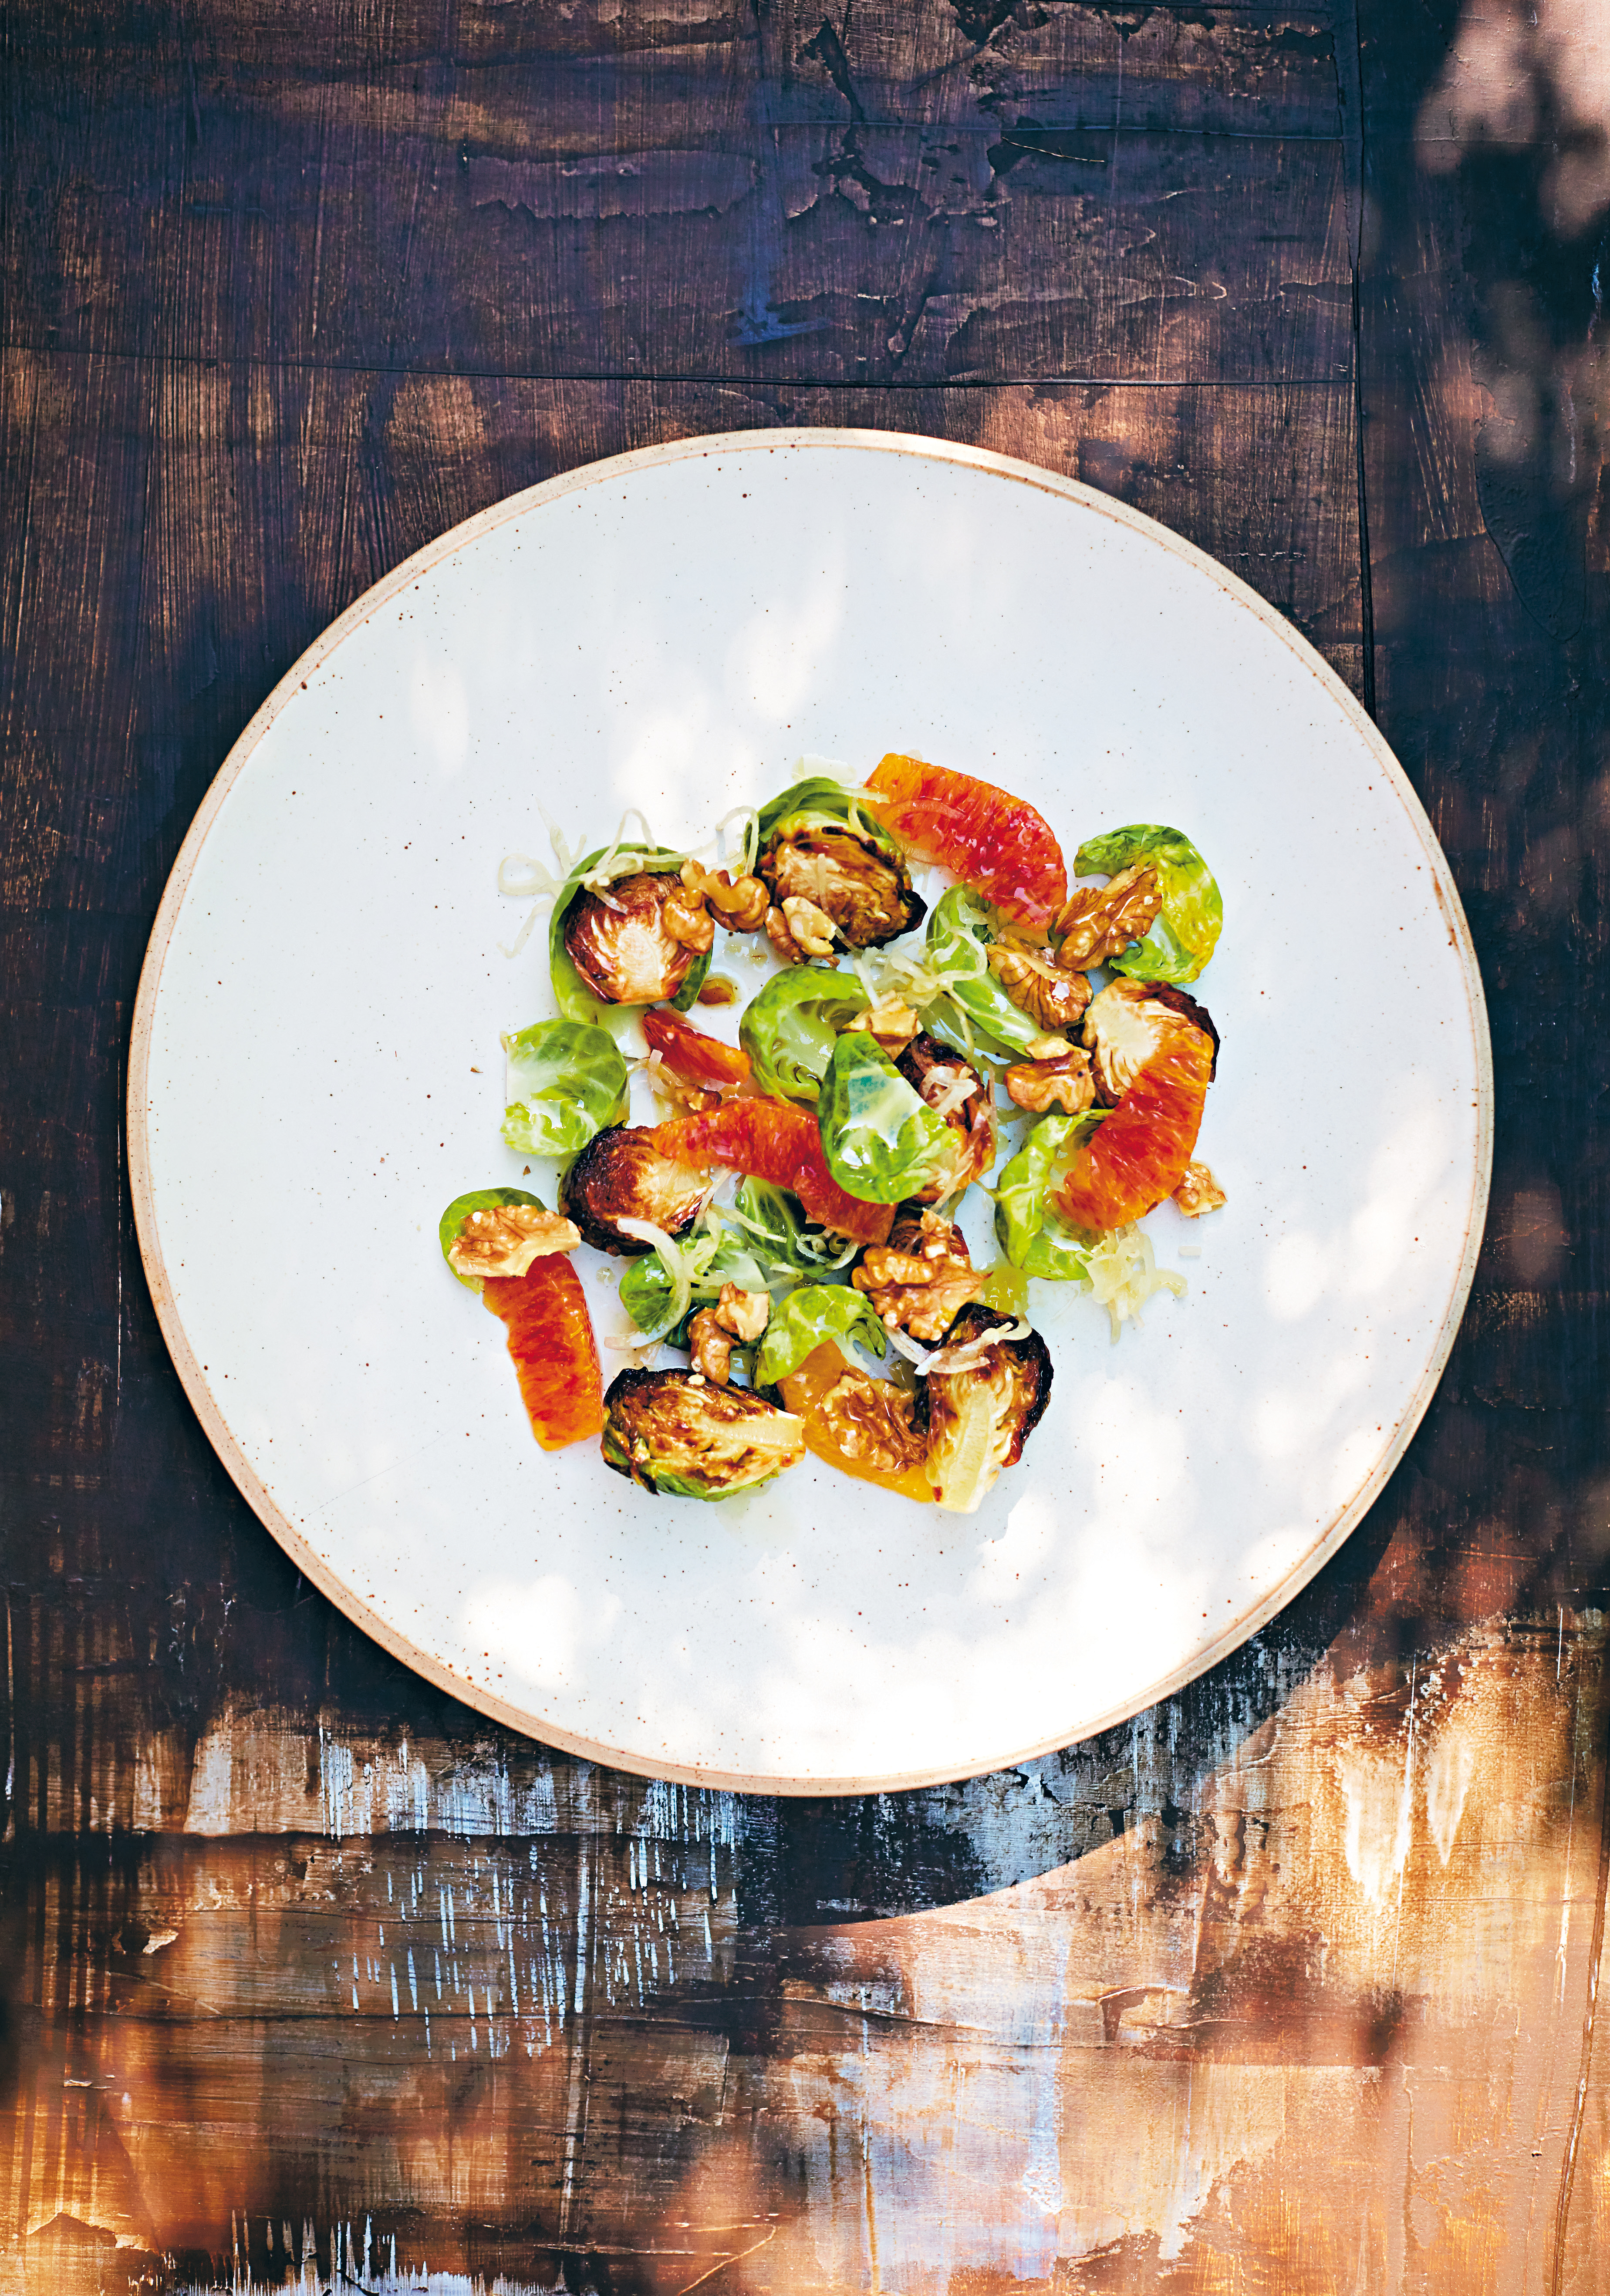 Kliknij: Sałatka z czerwonej pomarańczy i brukselki - przepis z książki Happy Food 2.0